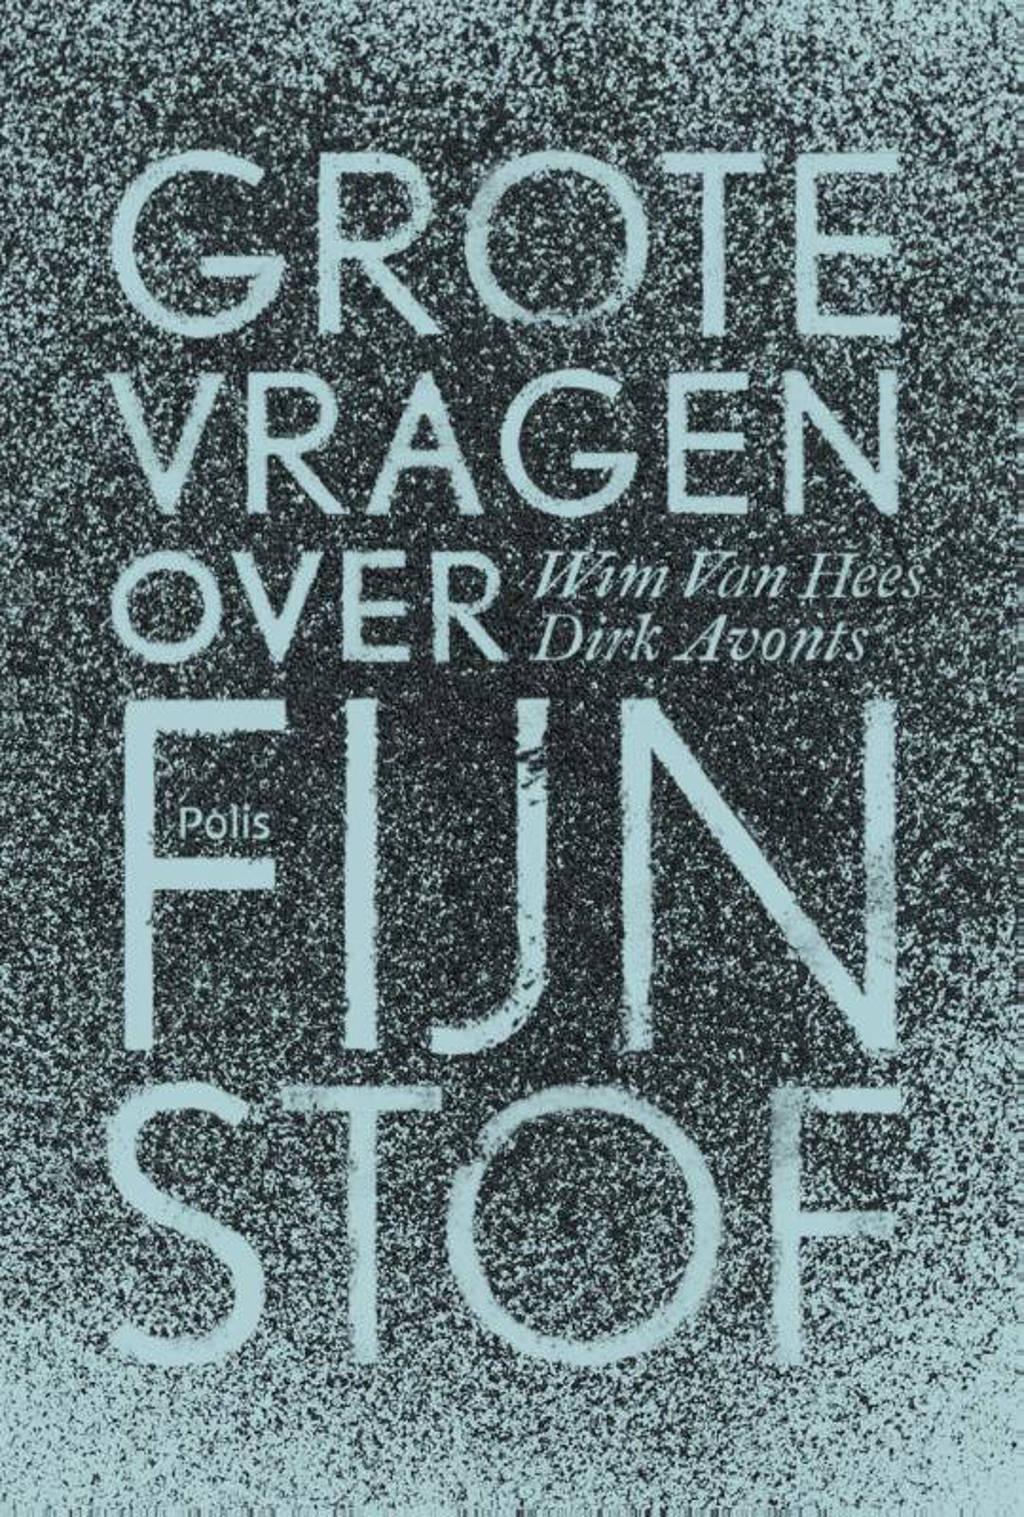 Grote vragen over fijnstof - Wim Van Hees en Dirk Avonts